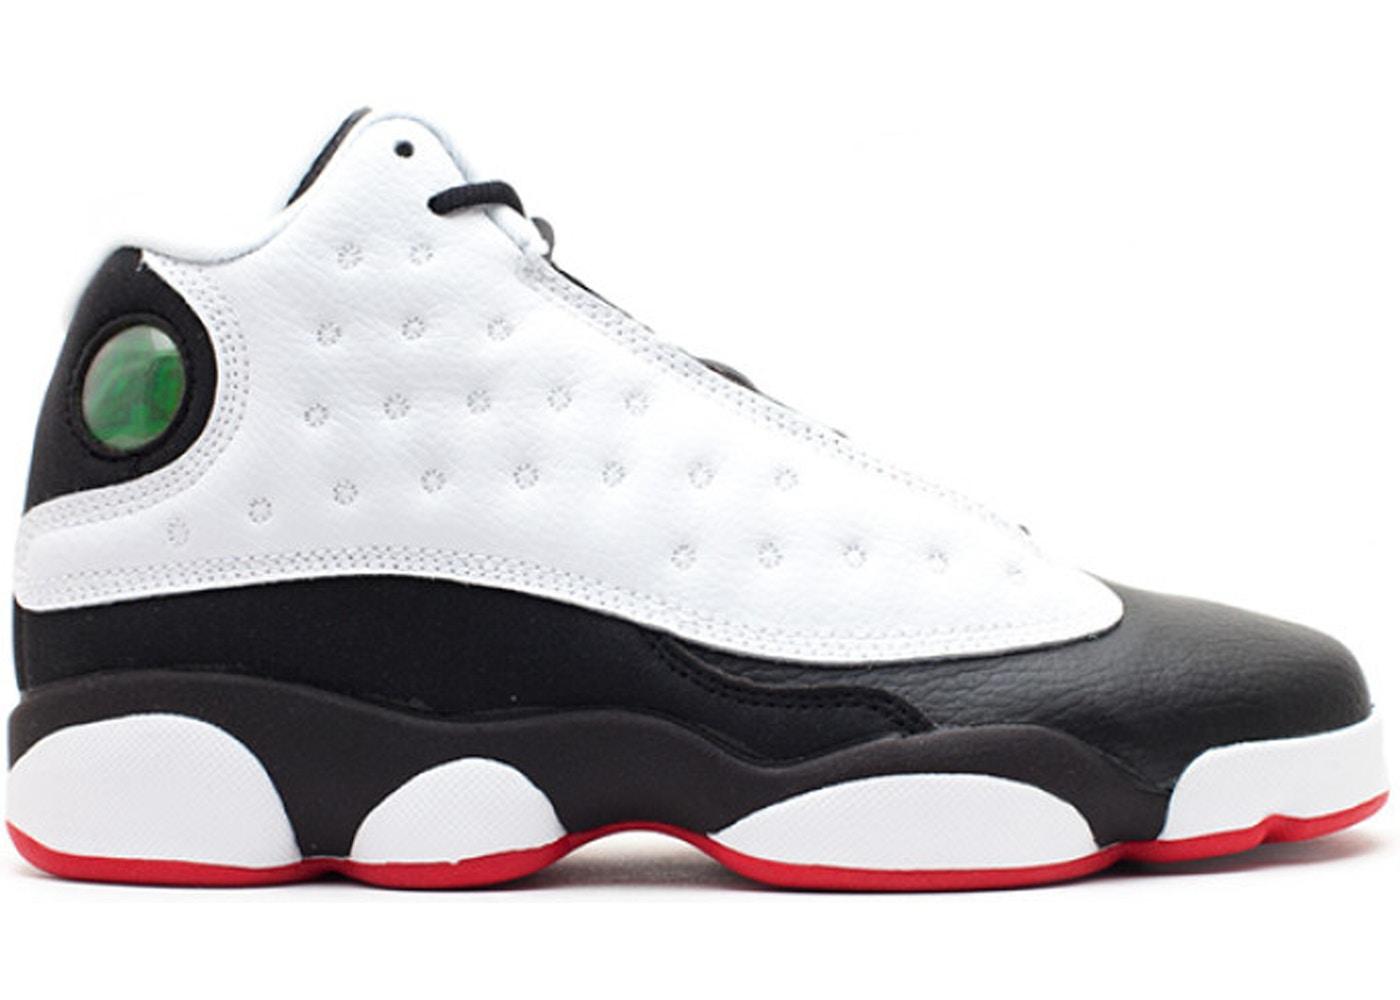 cf1a71f5ef0f6a Air Jordan 13 Shoes - New Lowest Asks